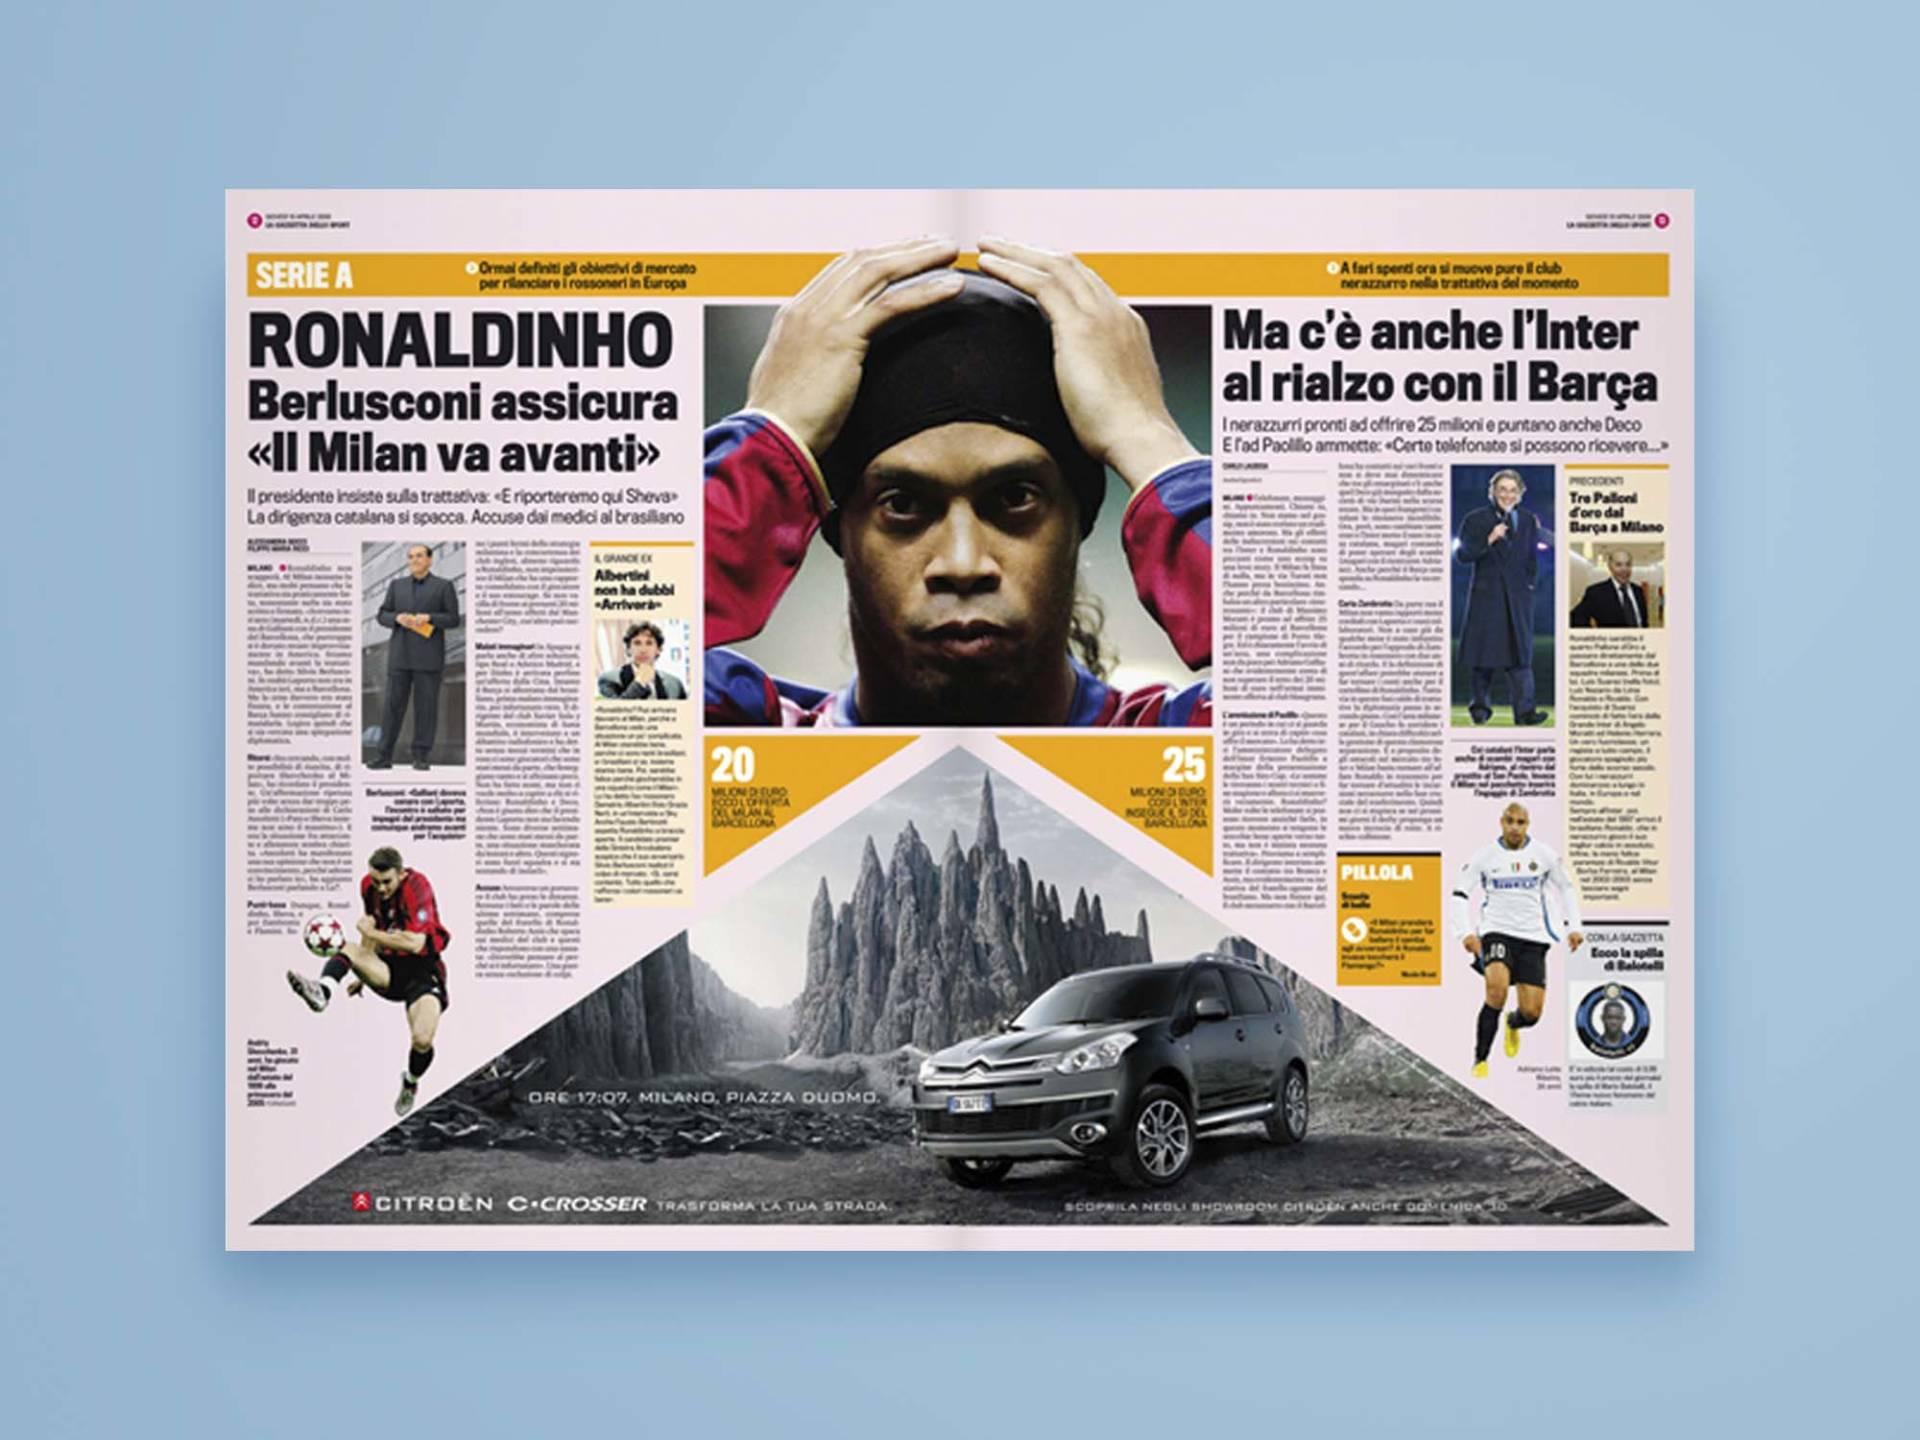 La_Gazzetta_Dello_Sport_07_Wenceslau_News_Design